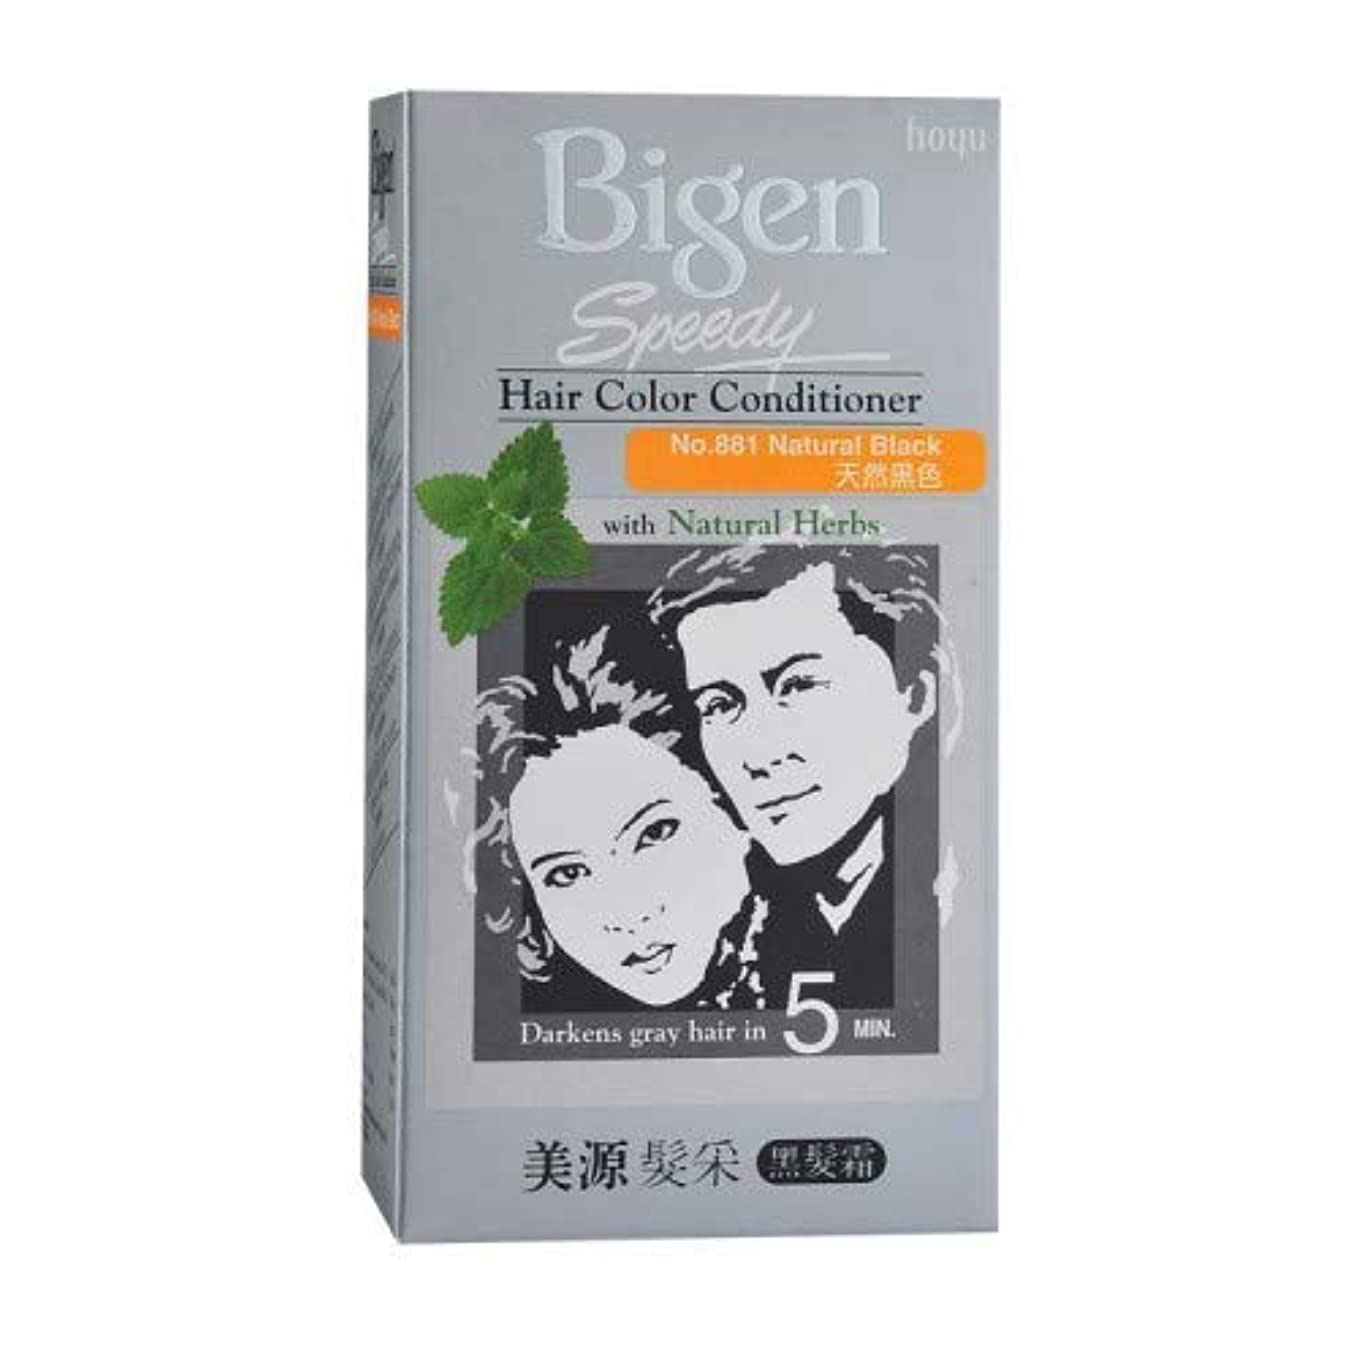 確認してください代表する教室BIGEN 高速髪の色自然な黒い髪のケアと天然ハーブ1